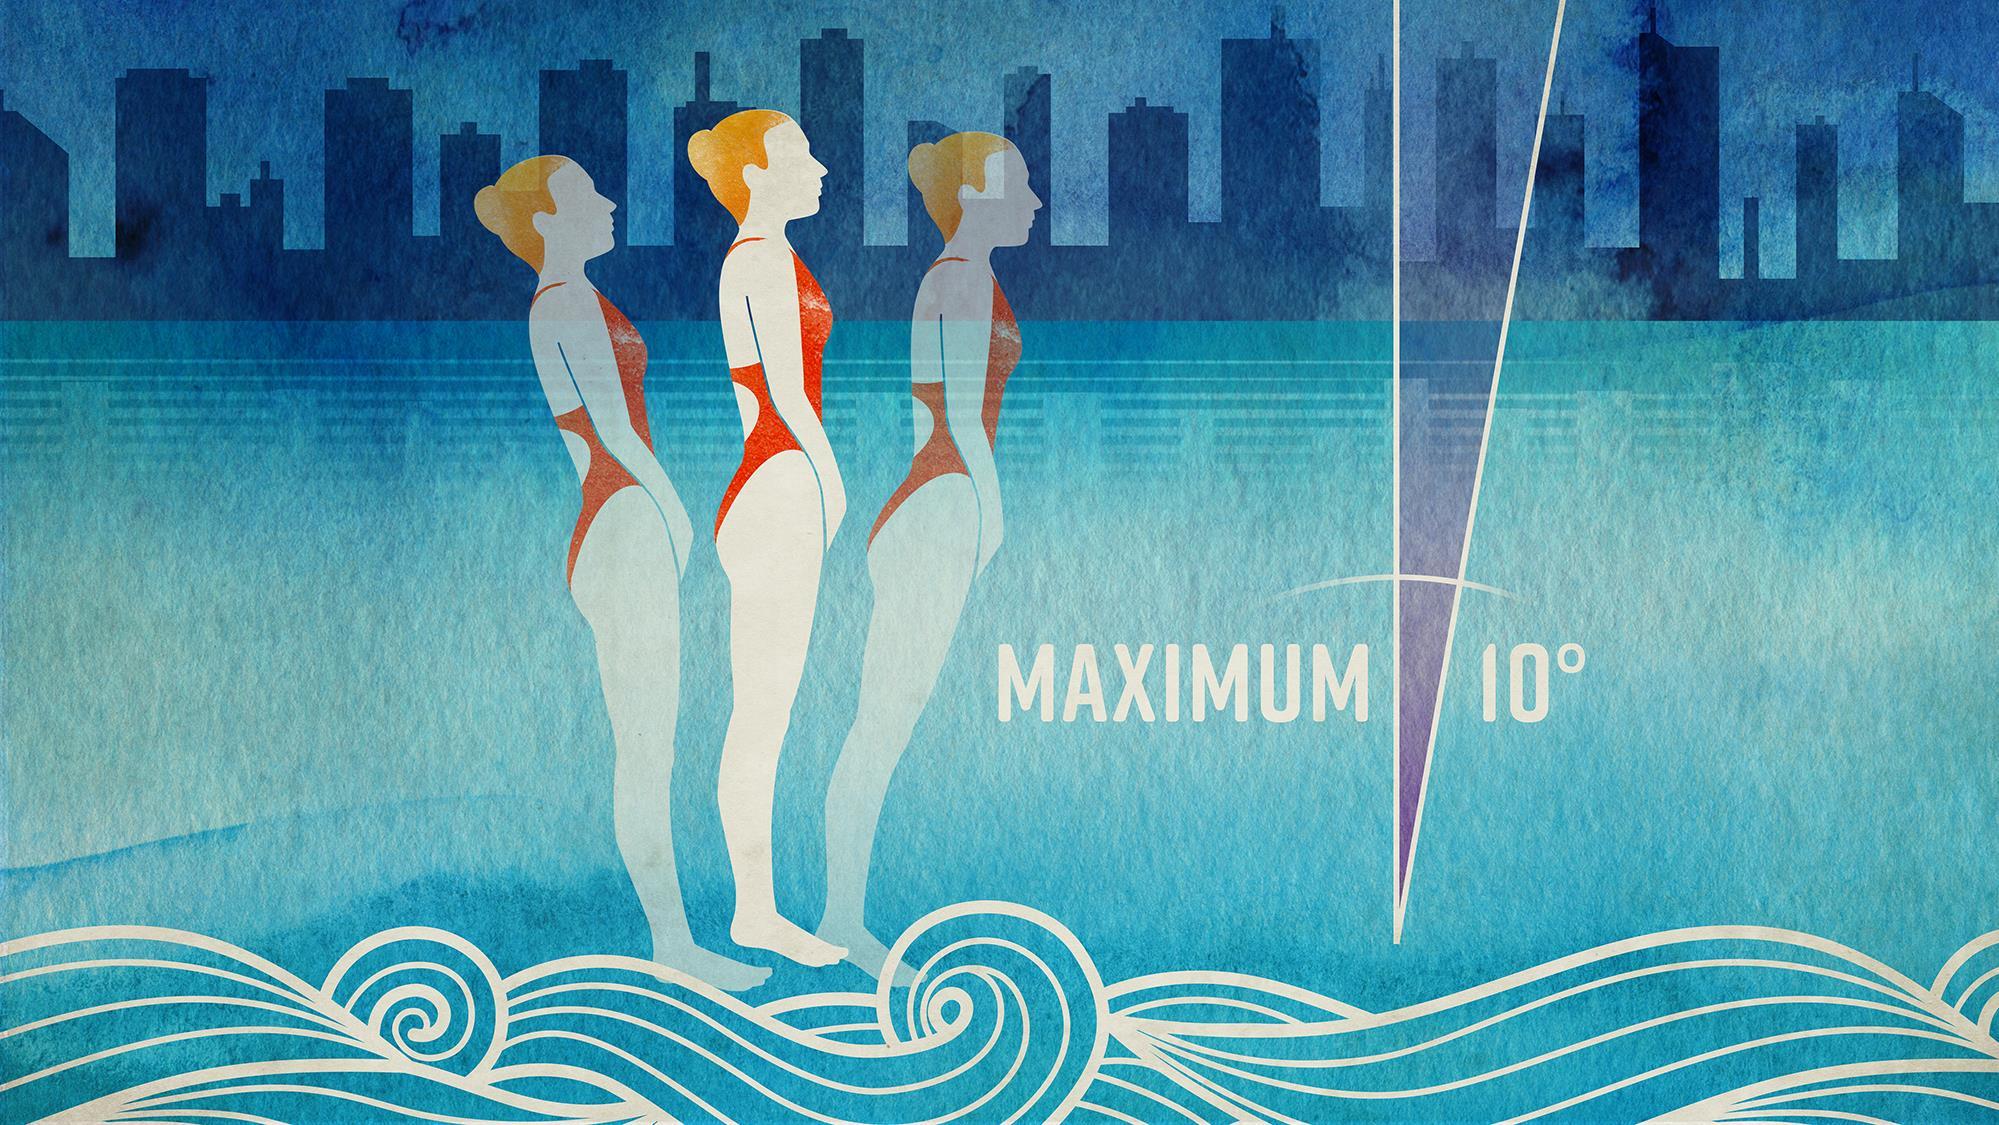 Une entrée dans l'eau avec un angle de plus de 10 degrés peut entraîner des blessures graves.